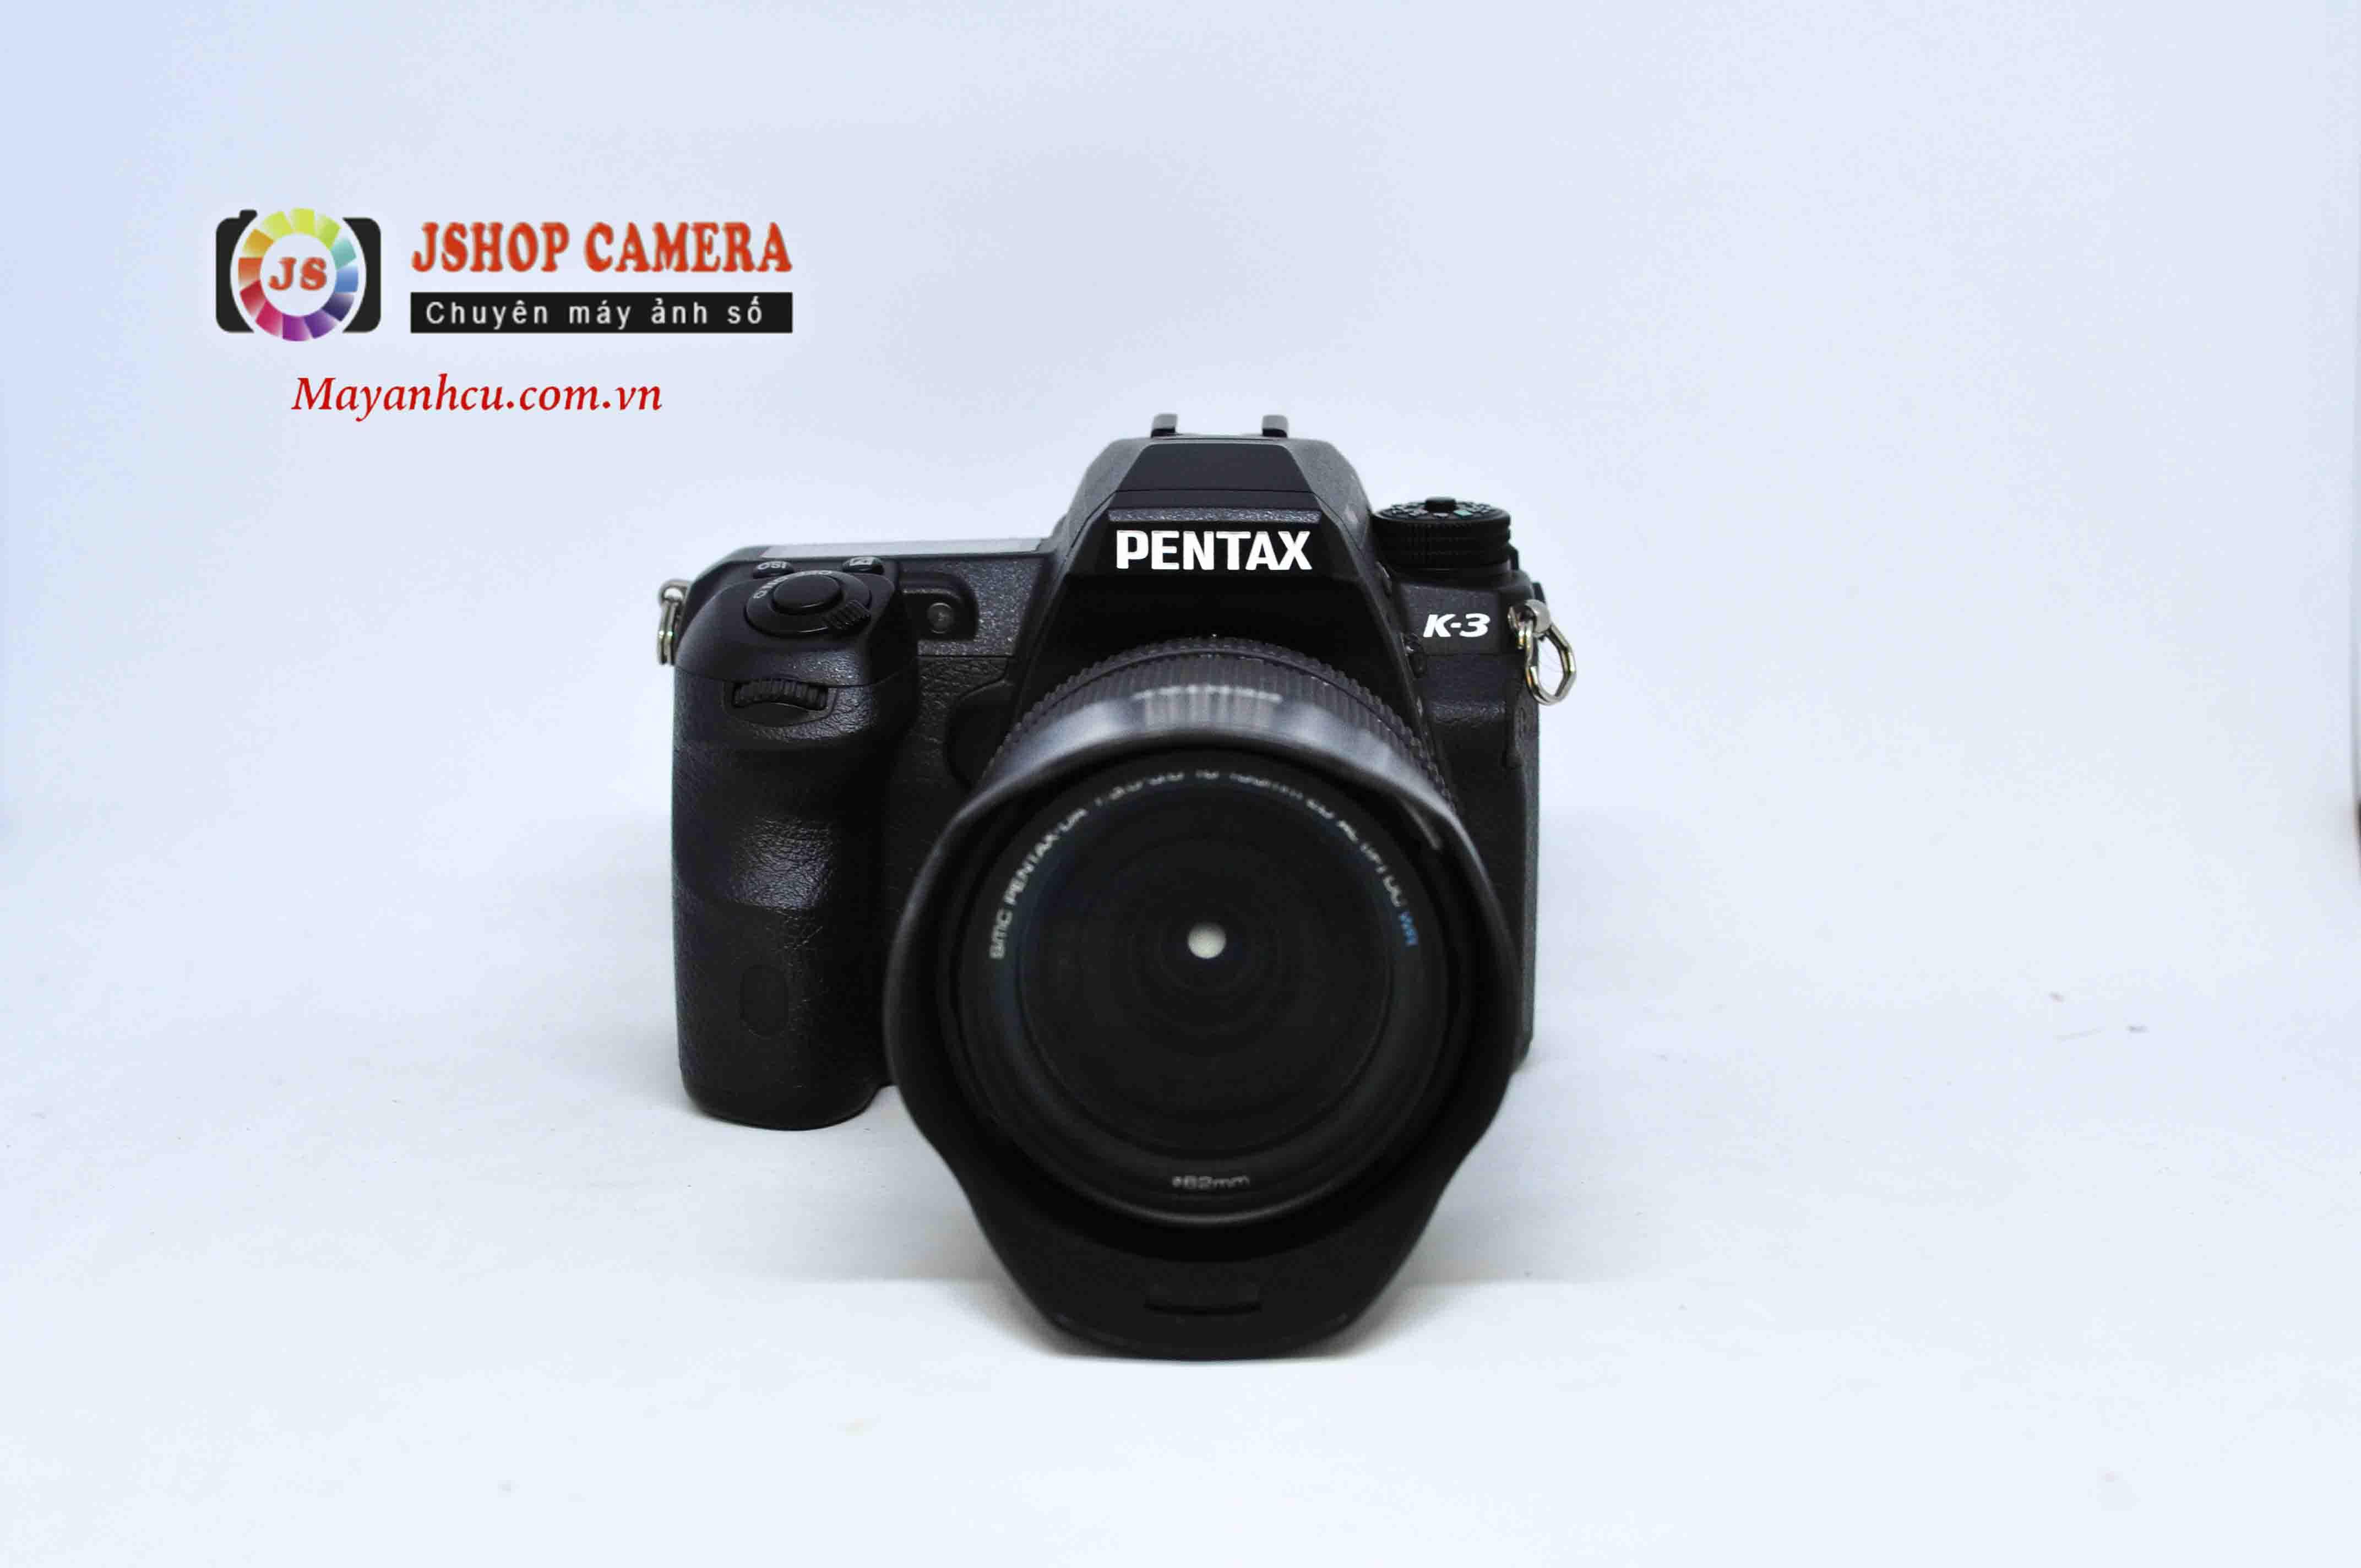 Máy ảnh Pentax K-3 + Ống kính 18-135mm F3.5-5.6